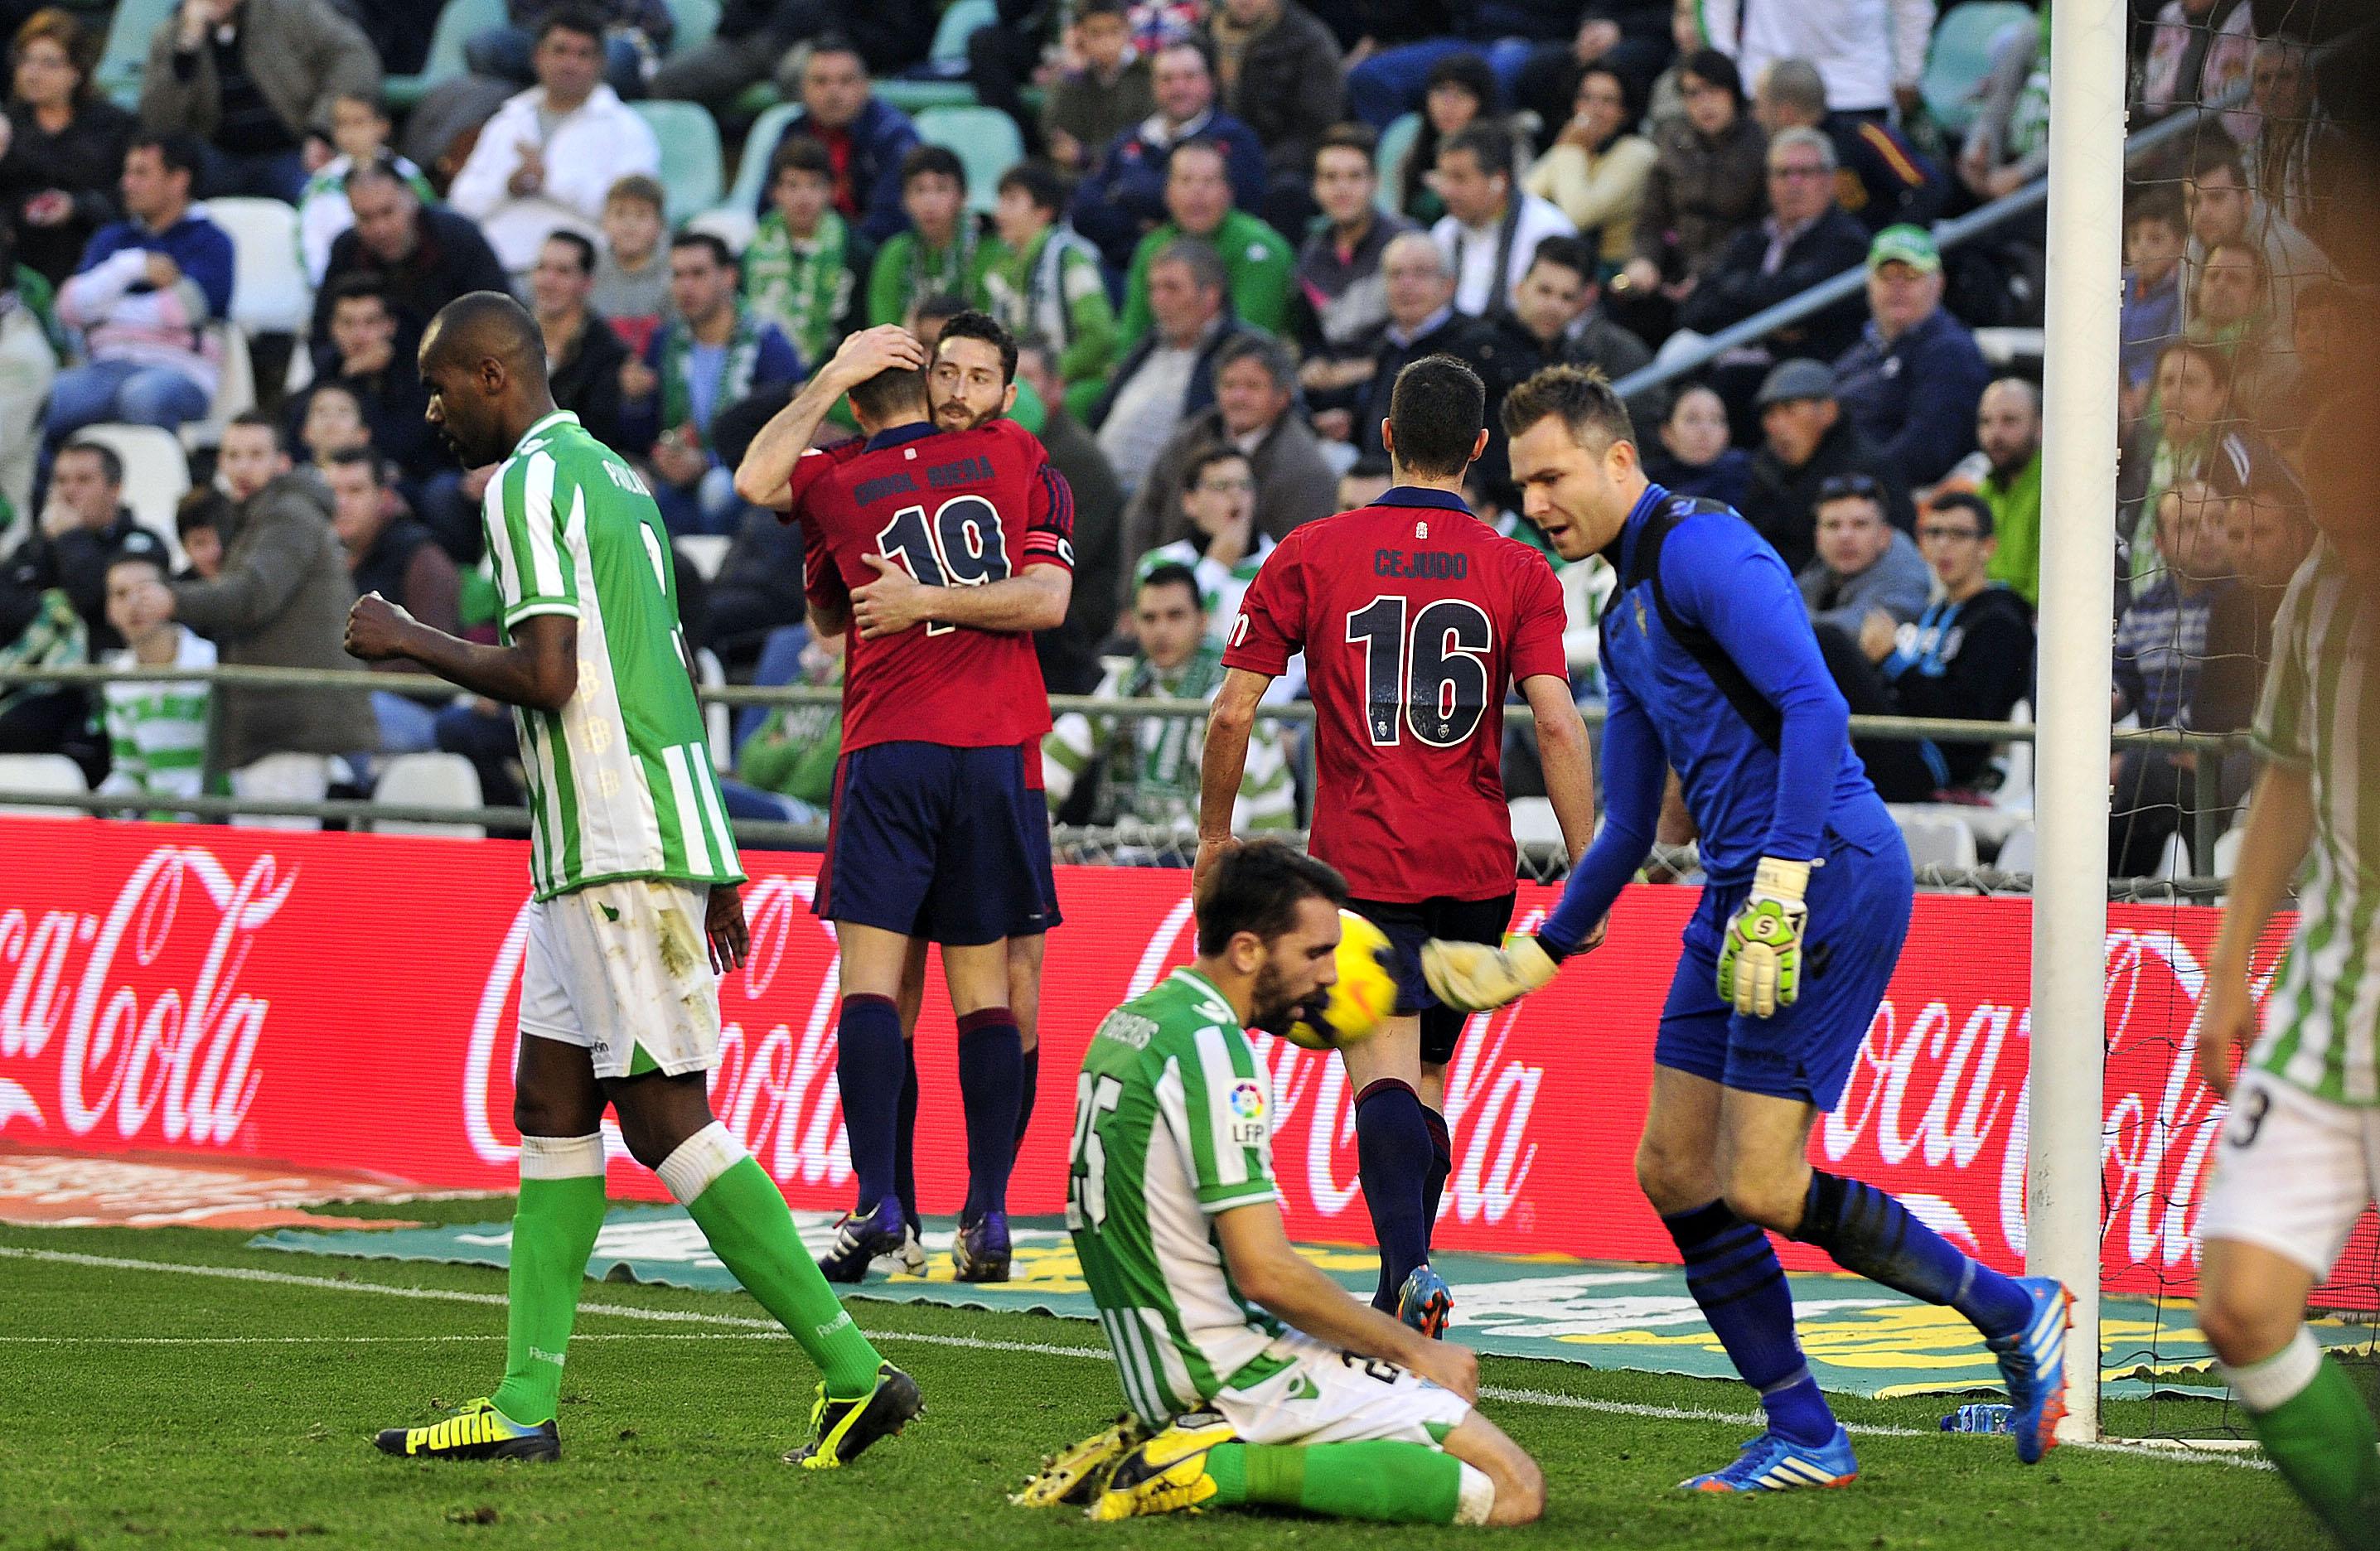 Jordi lamenta el autogol que se marcó ante Osasuna, uno de los tres suyos esta temporada / Kiko Hurtado